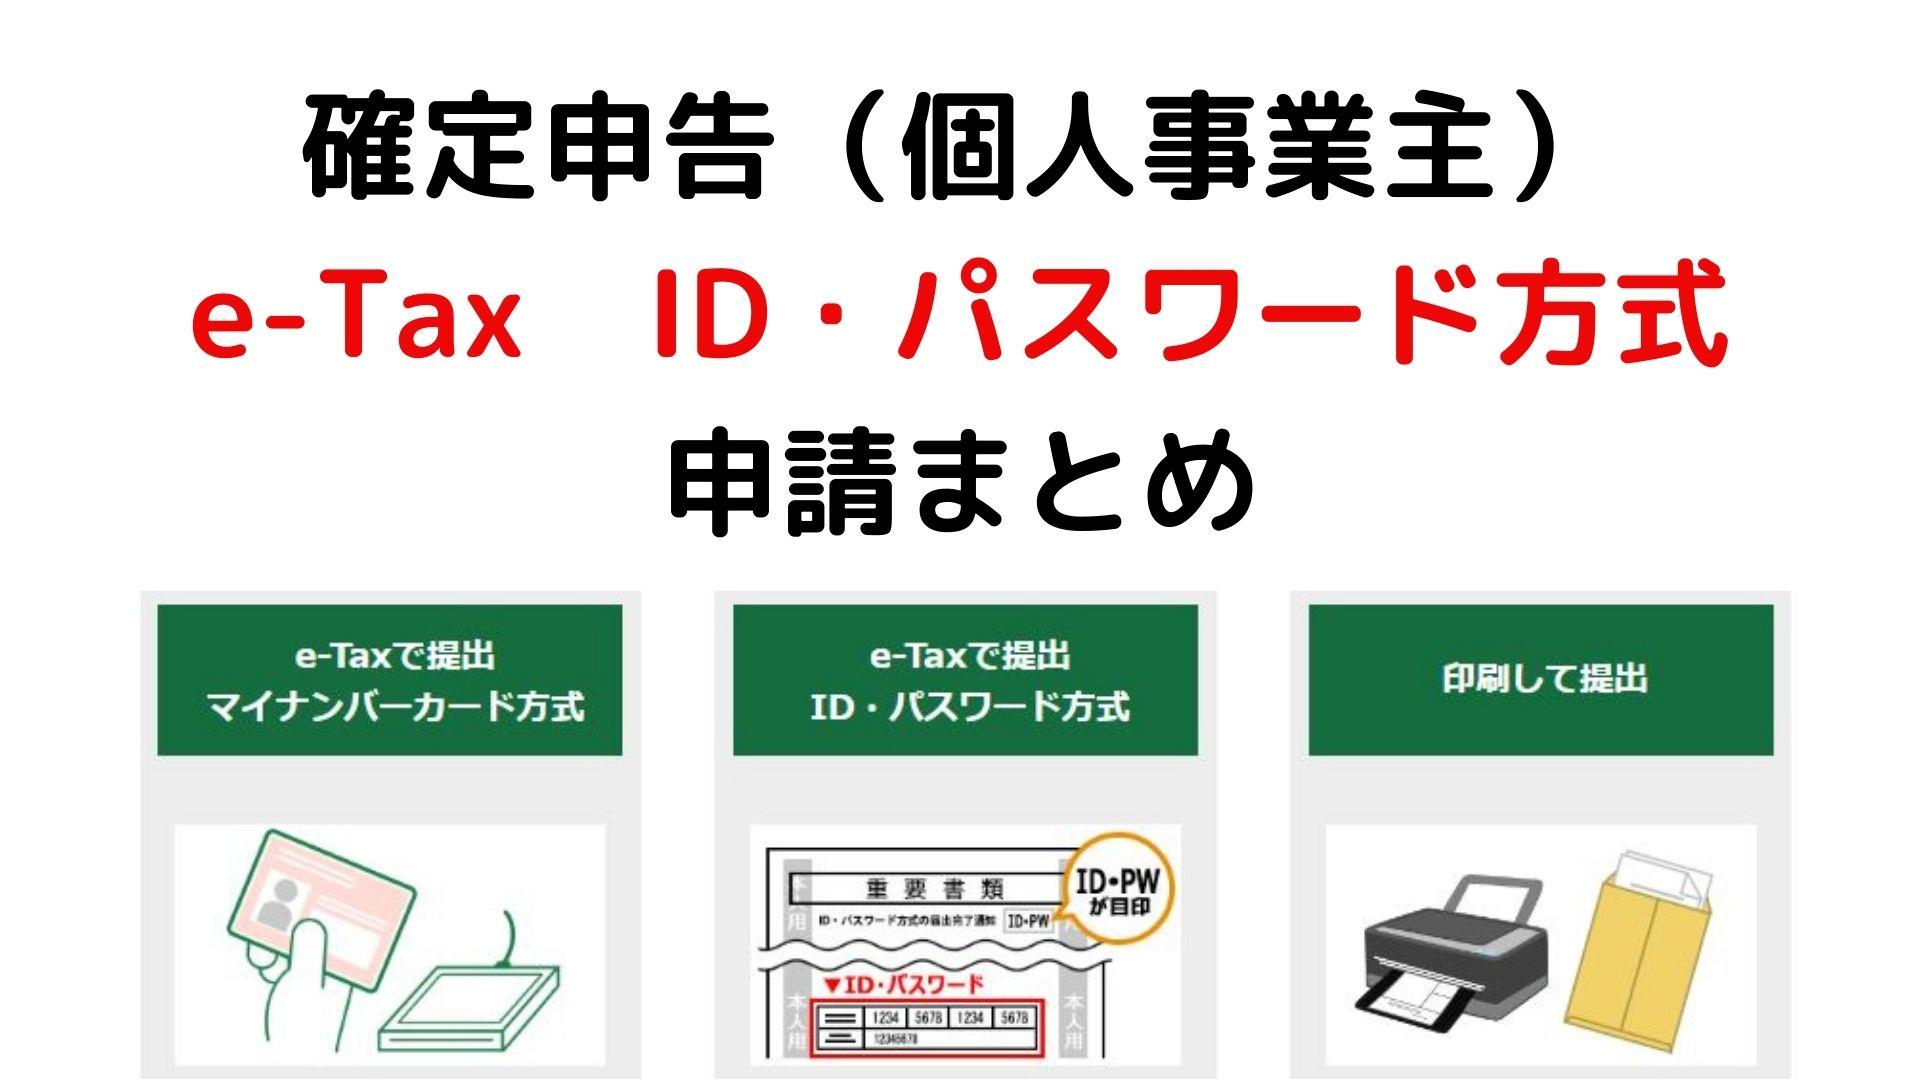 確定申告e-tax_IDパスワード方式